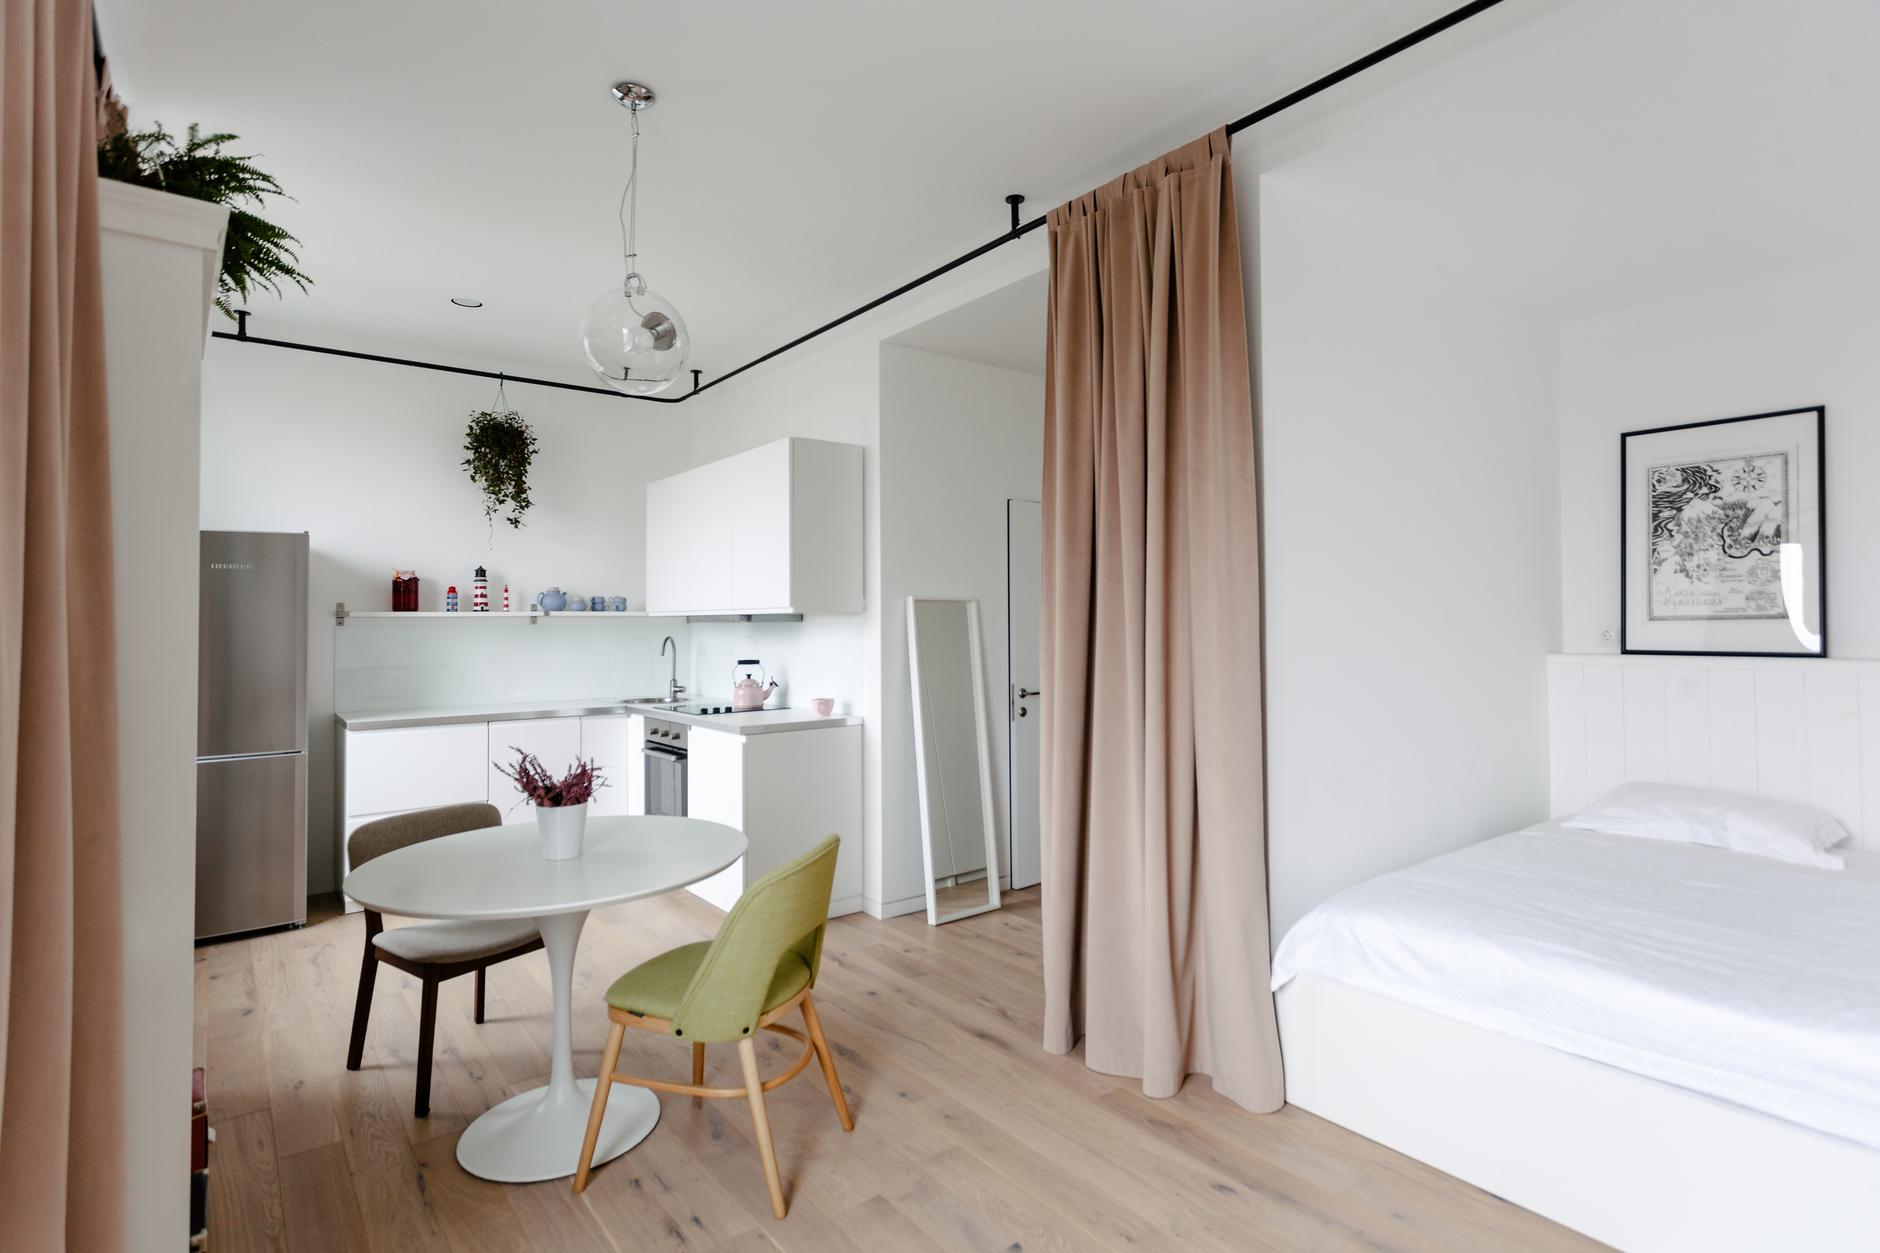 Идеи при дизайне квартир с нишами